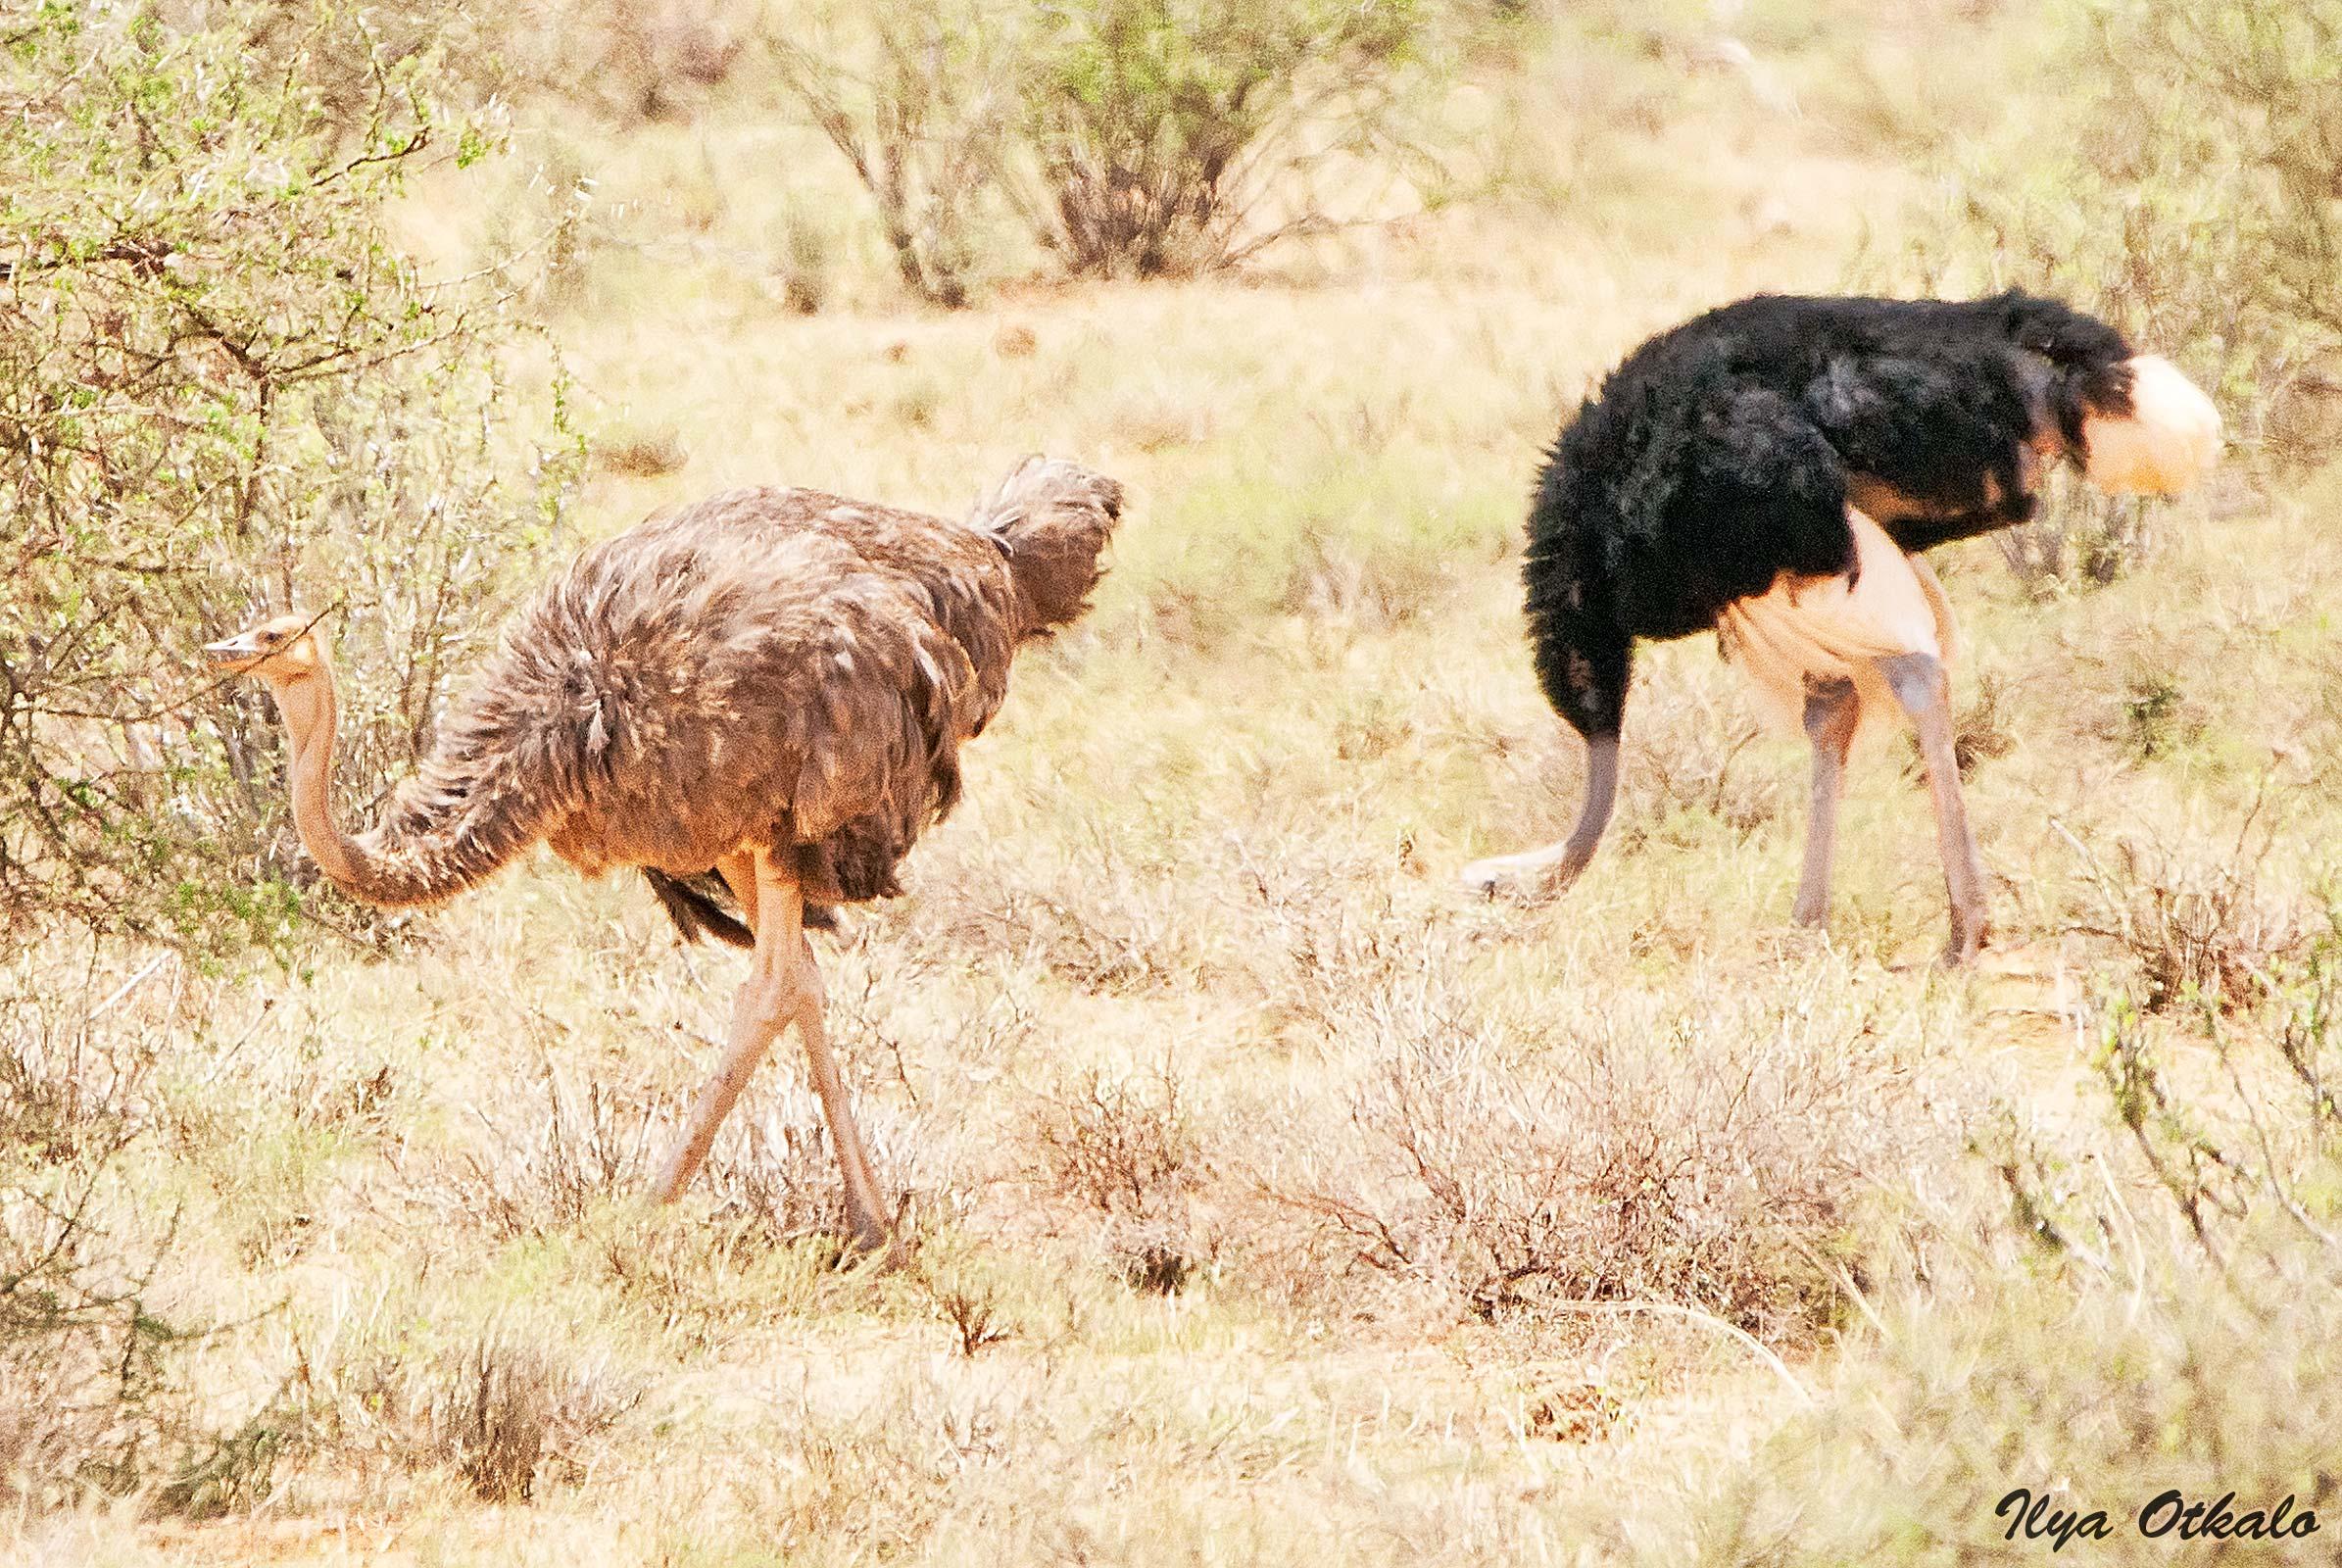 Кения, Национальный парк - заповедник Буффало Спрингс. Сомалийские страусы.